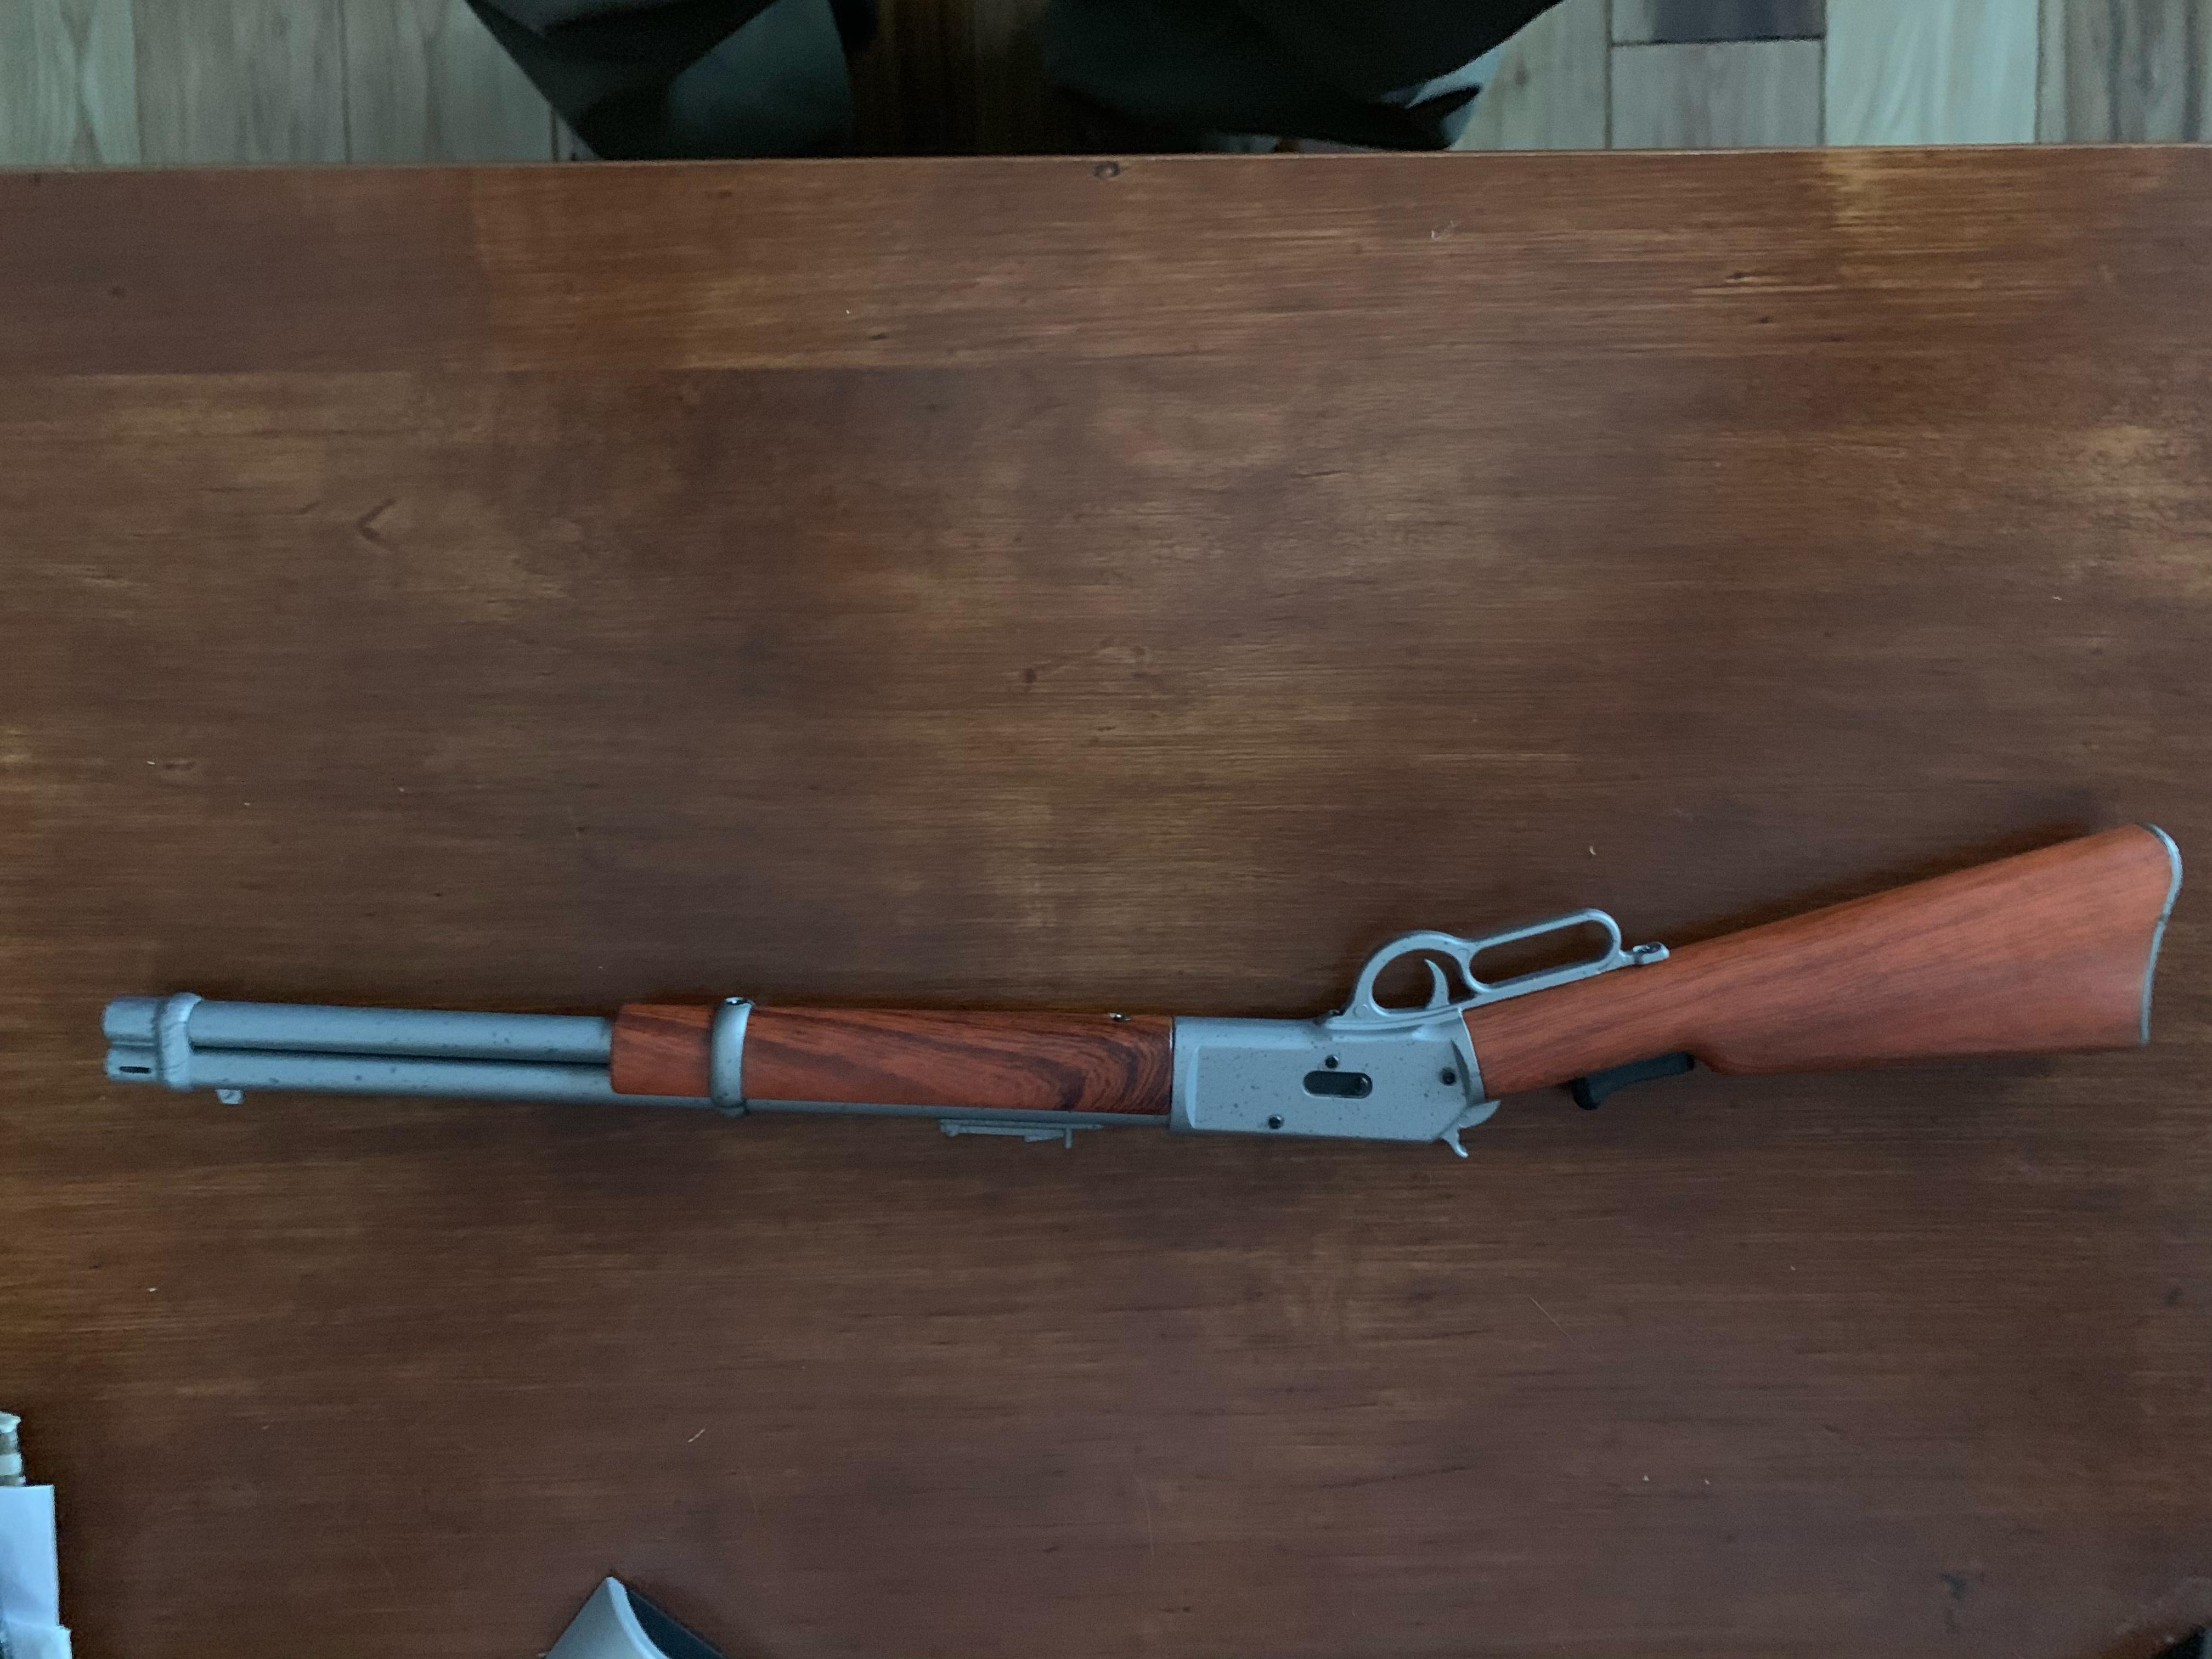 The BBQ gun.-6d142ab0-a8e0-4f54-876e-28aab808c8e3.jpeg